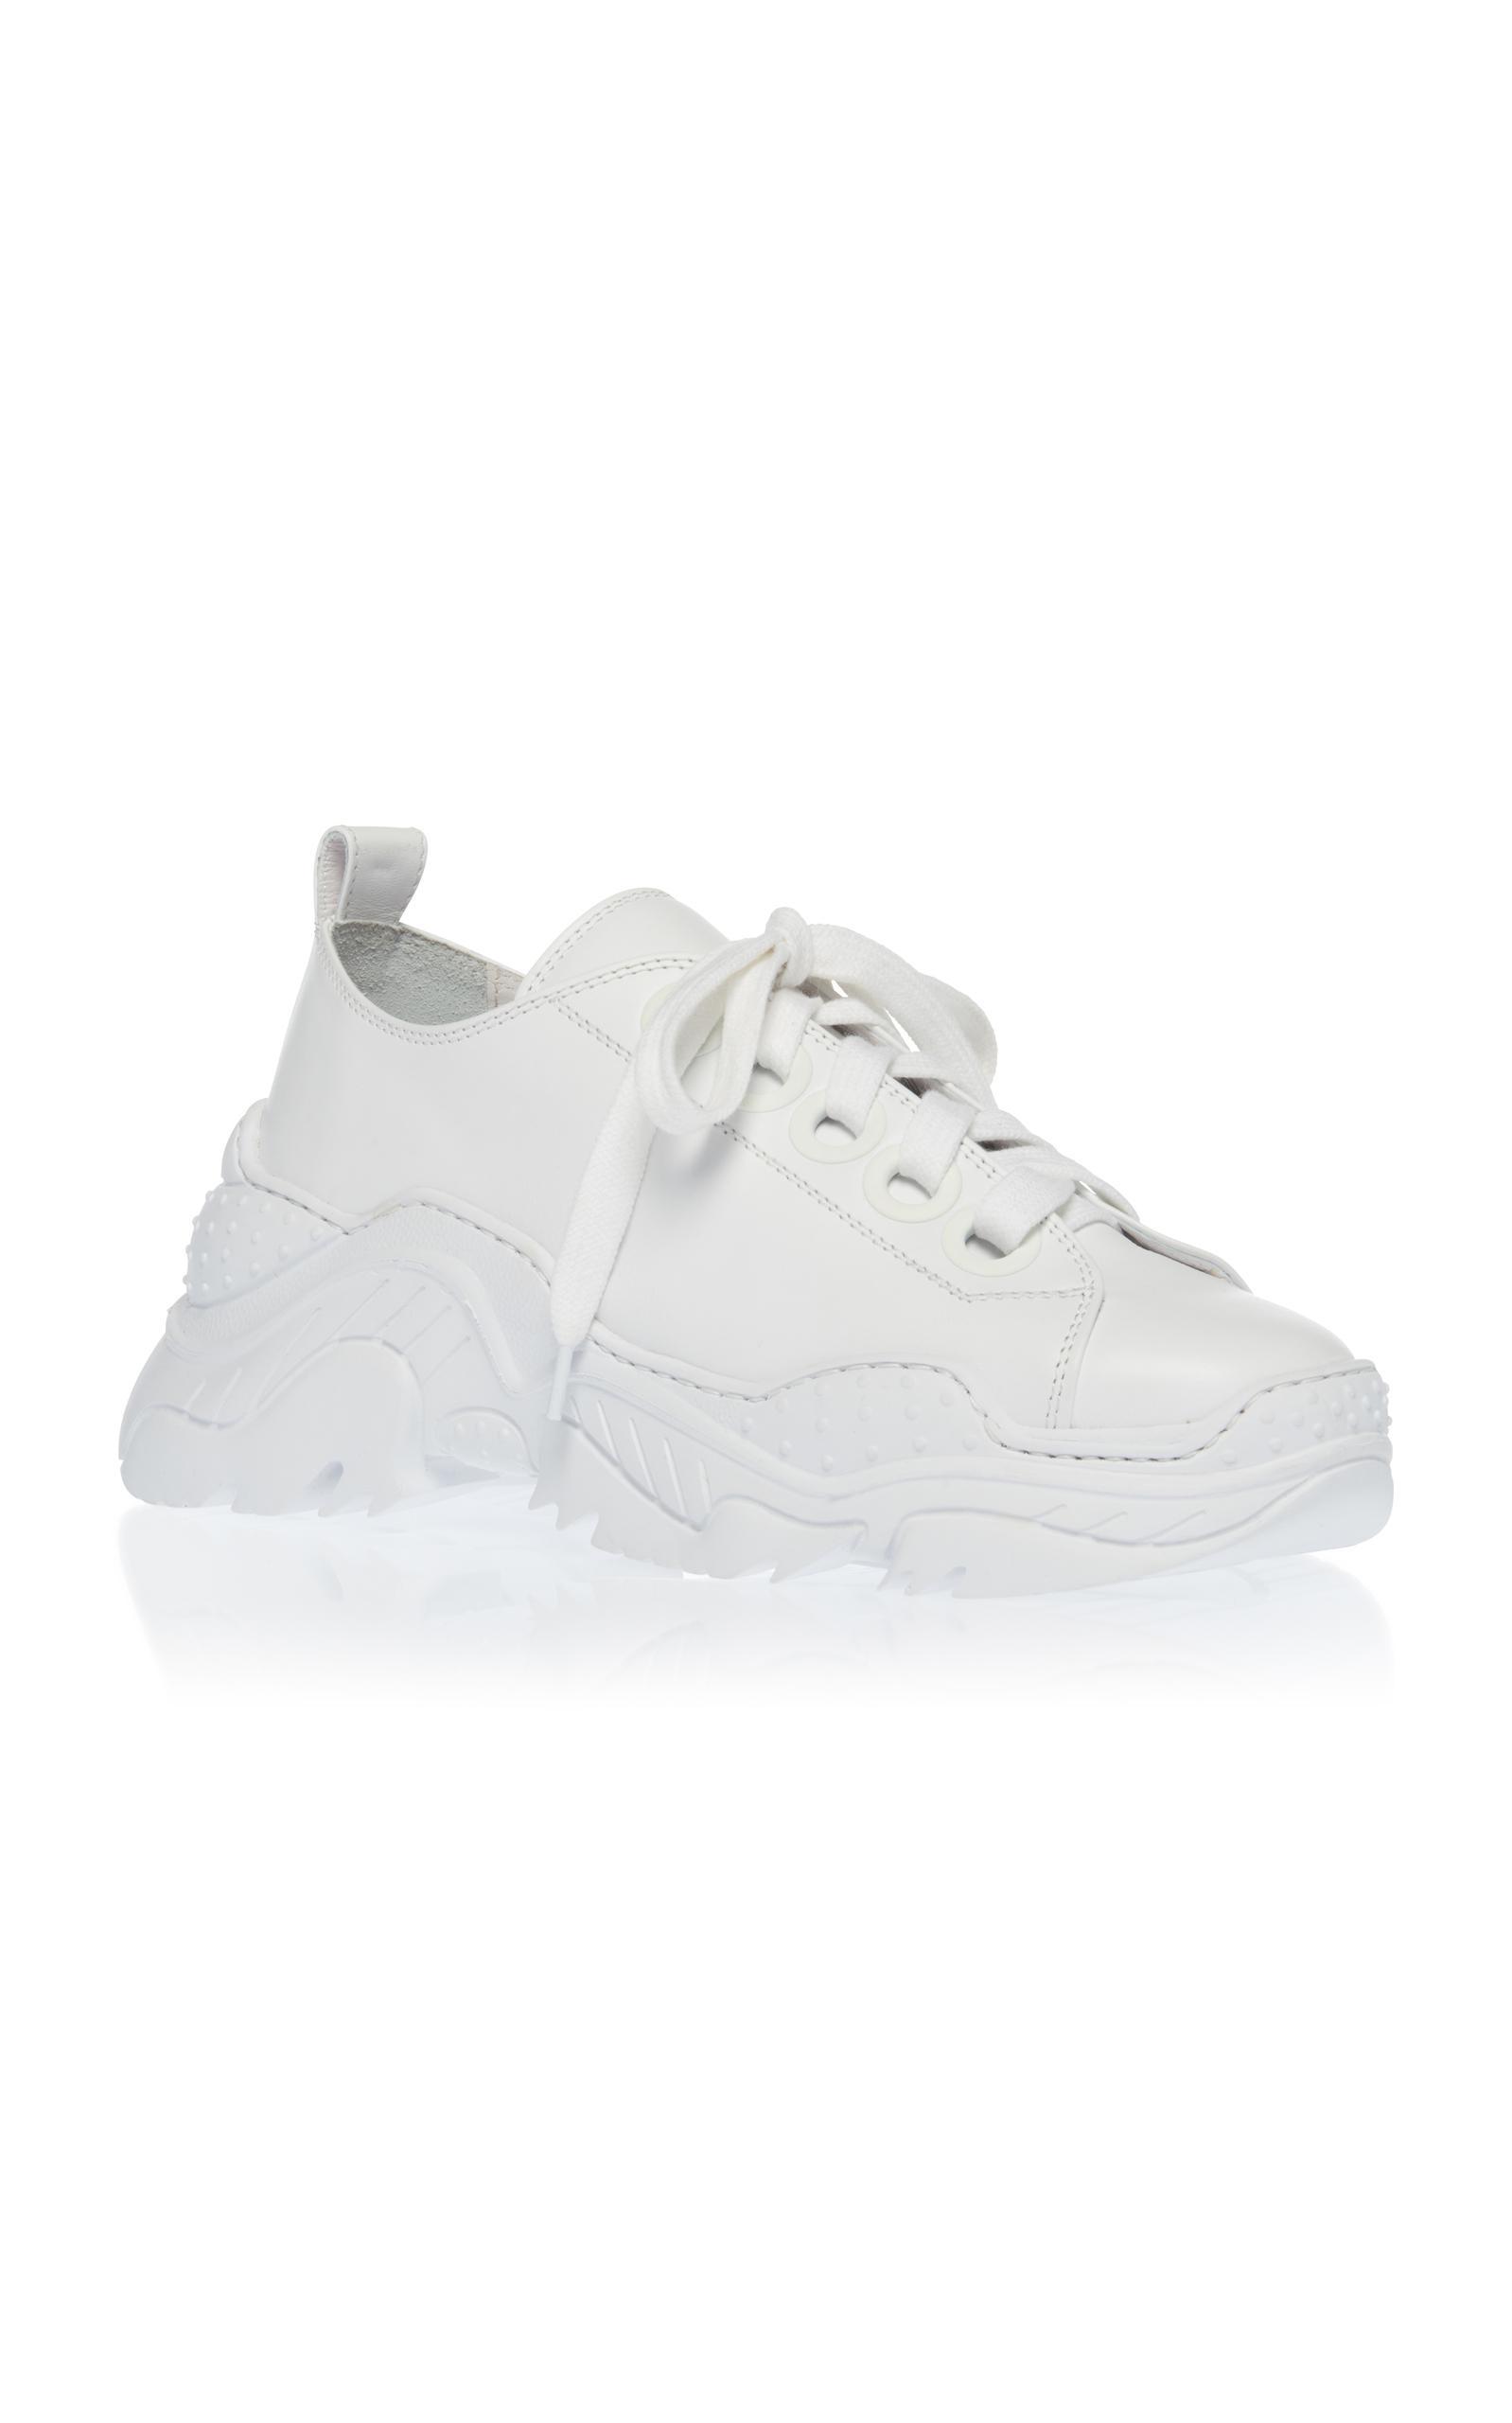 N°21 Satin Sneaker in White